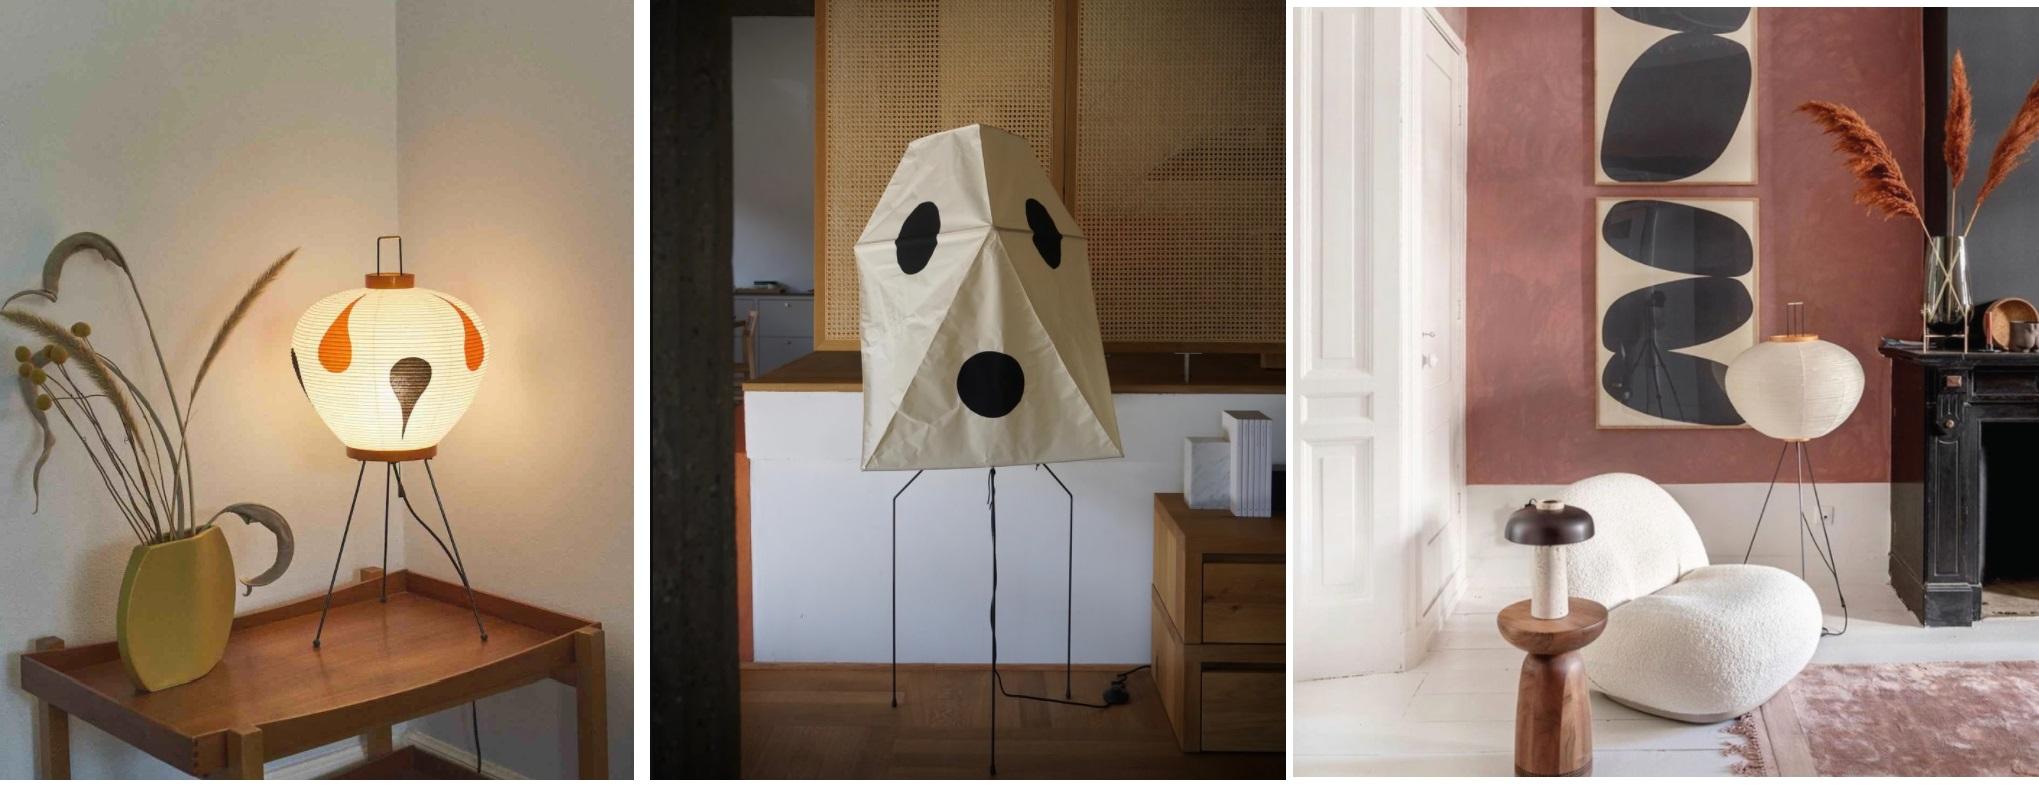 Lampy zaprojektowane przez Isamu Noguchi